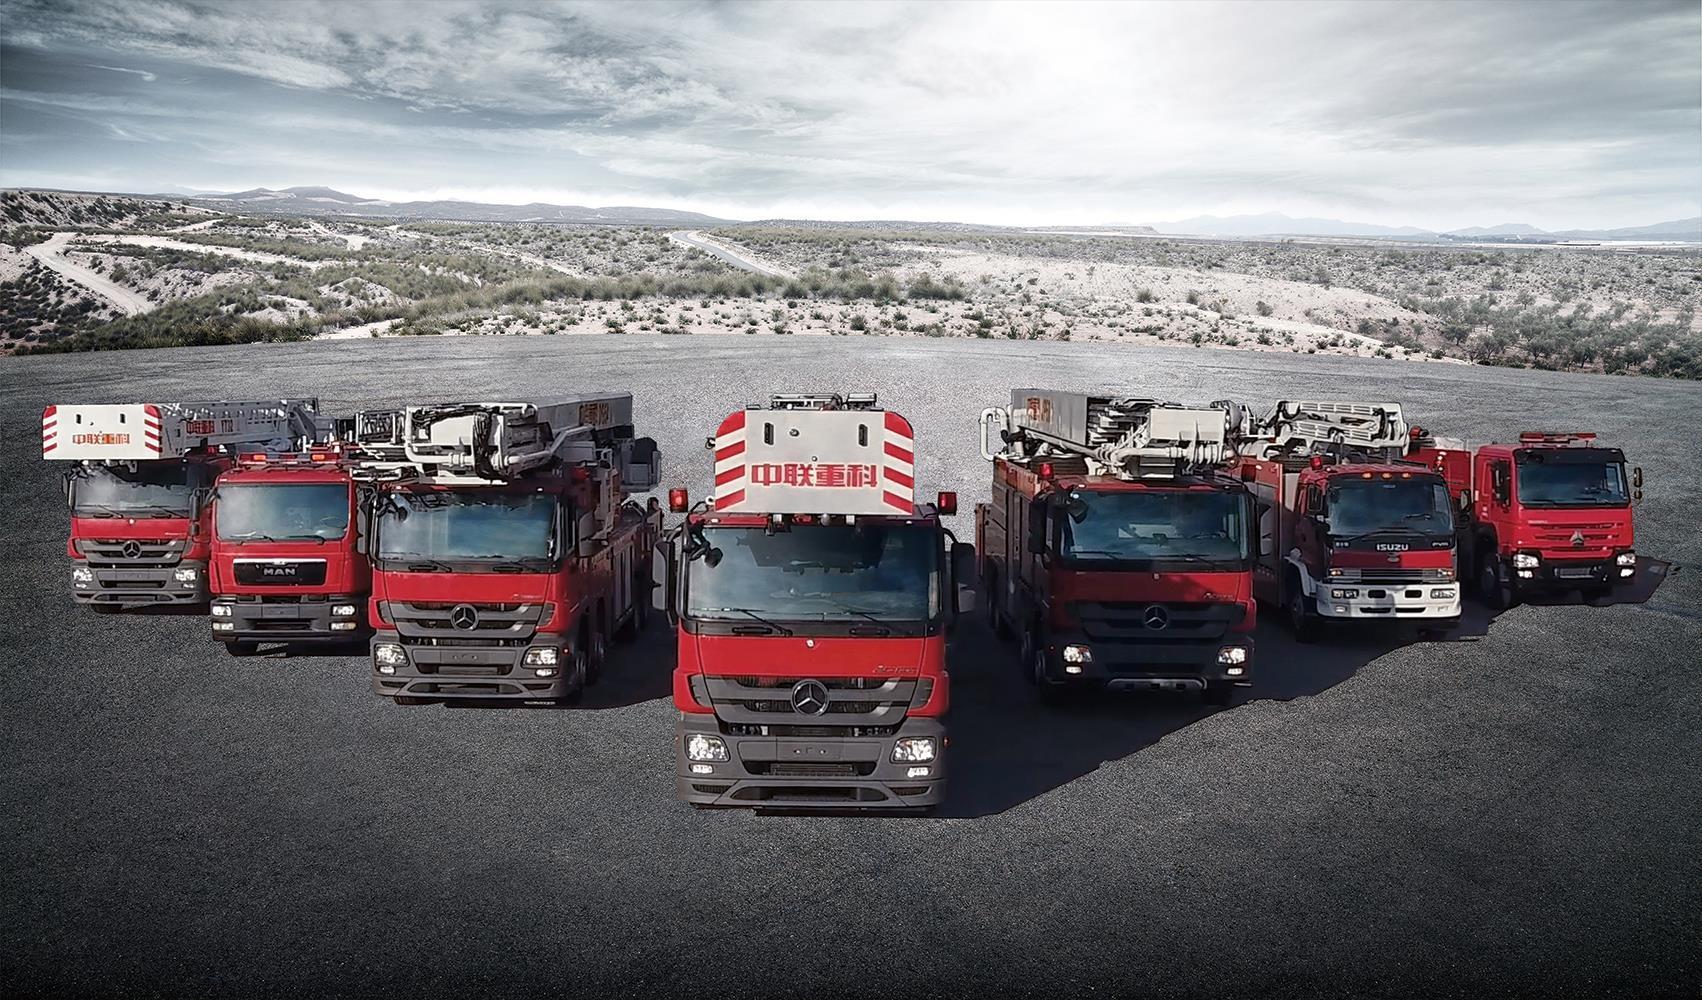 打造新型智造应急装备 中联重科消防机械成安博